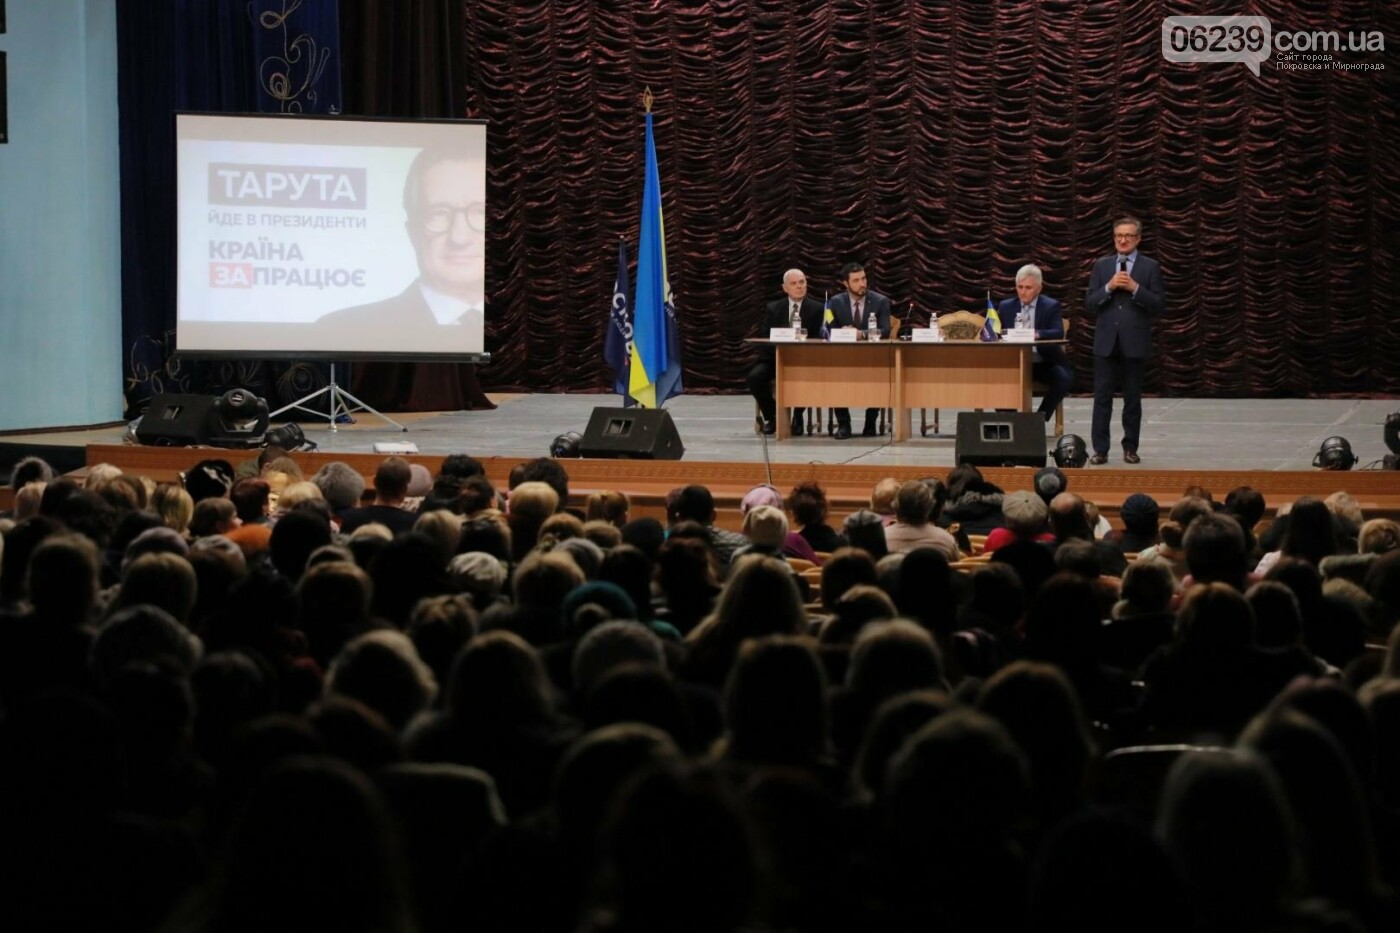 Кандидат на пост Президента Украины Сергей Тарута посетил Покровск, фото-8